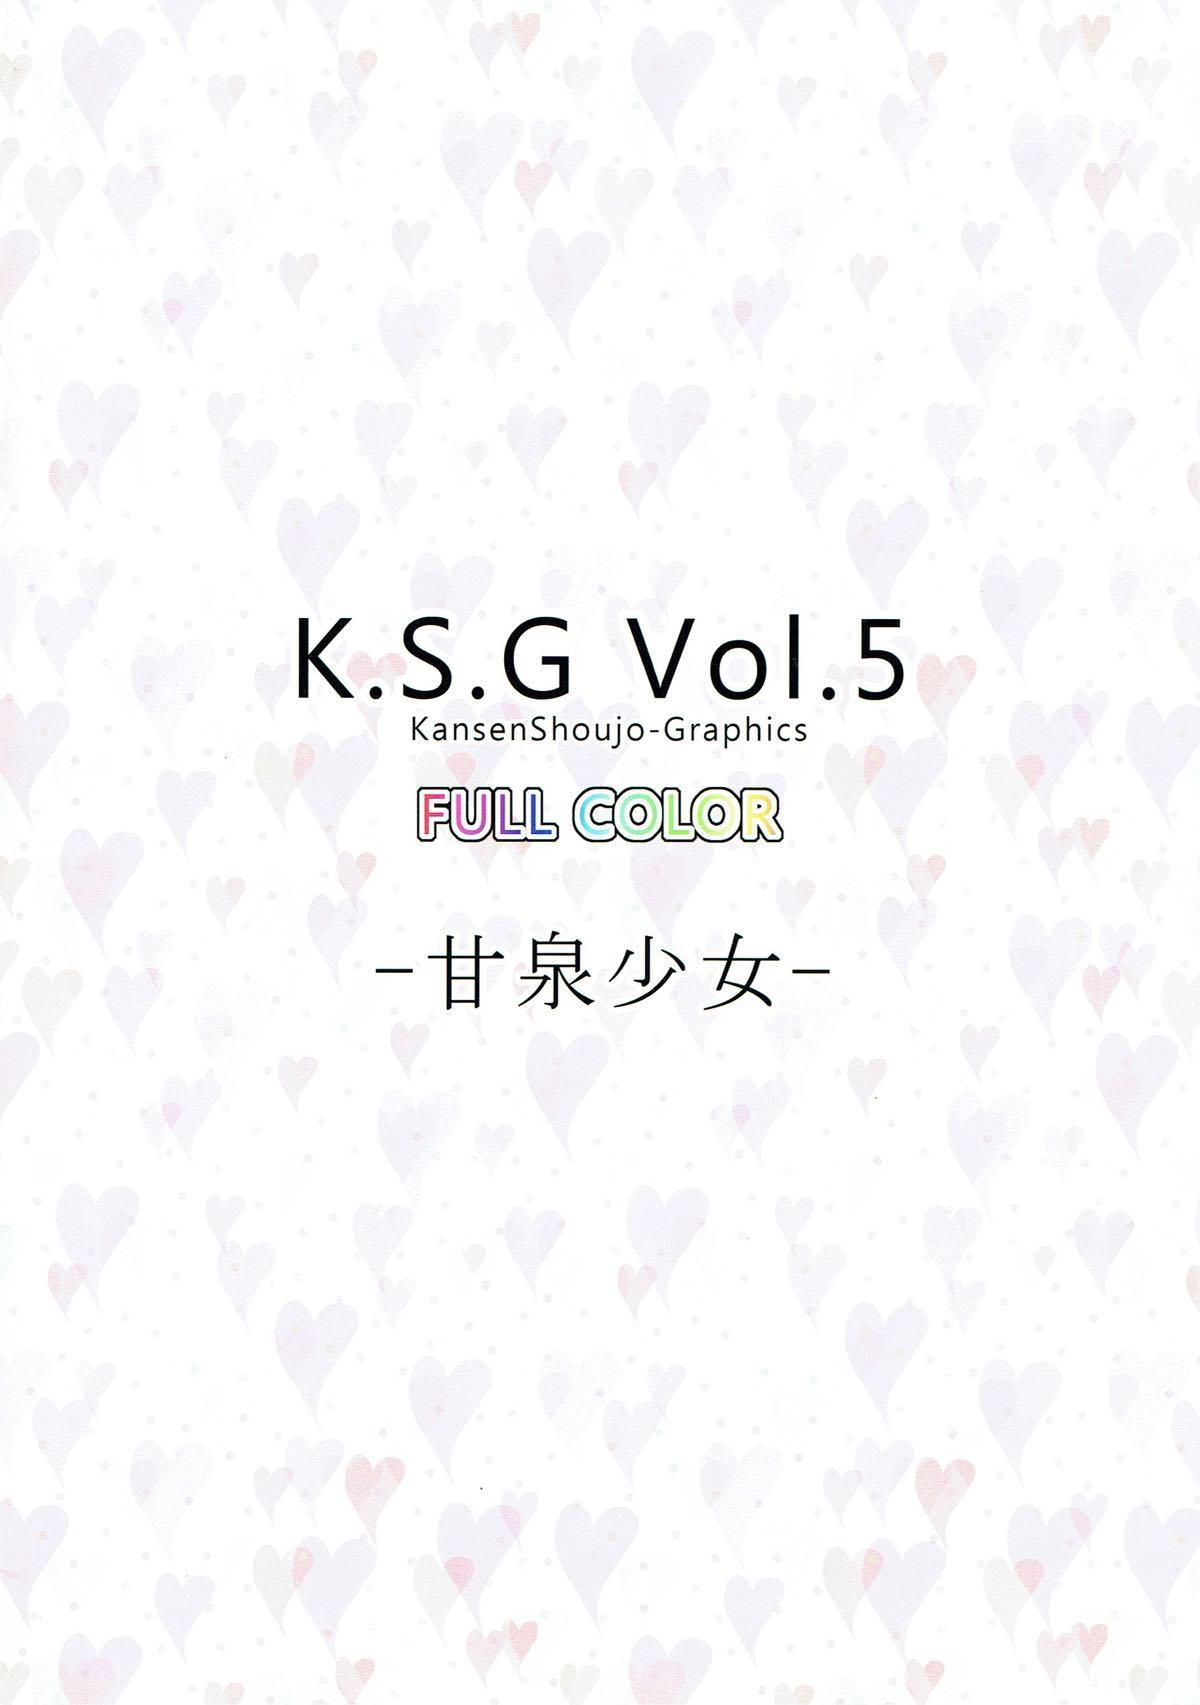 K.S.G Vol. 5 15